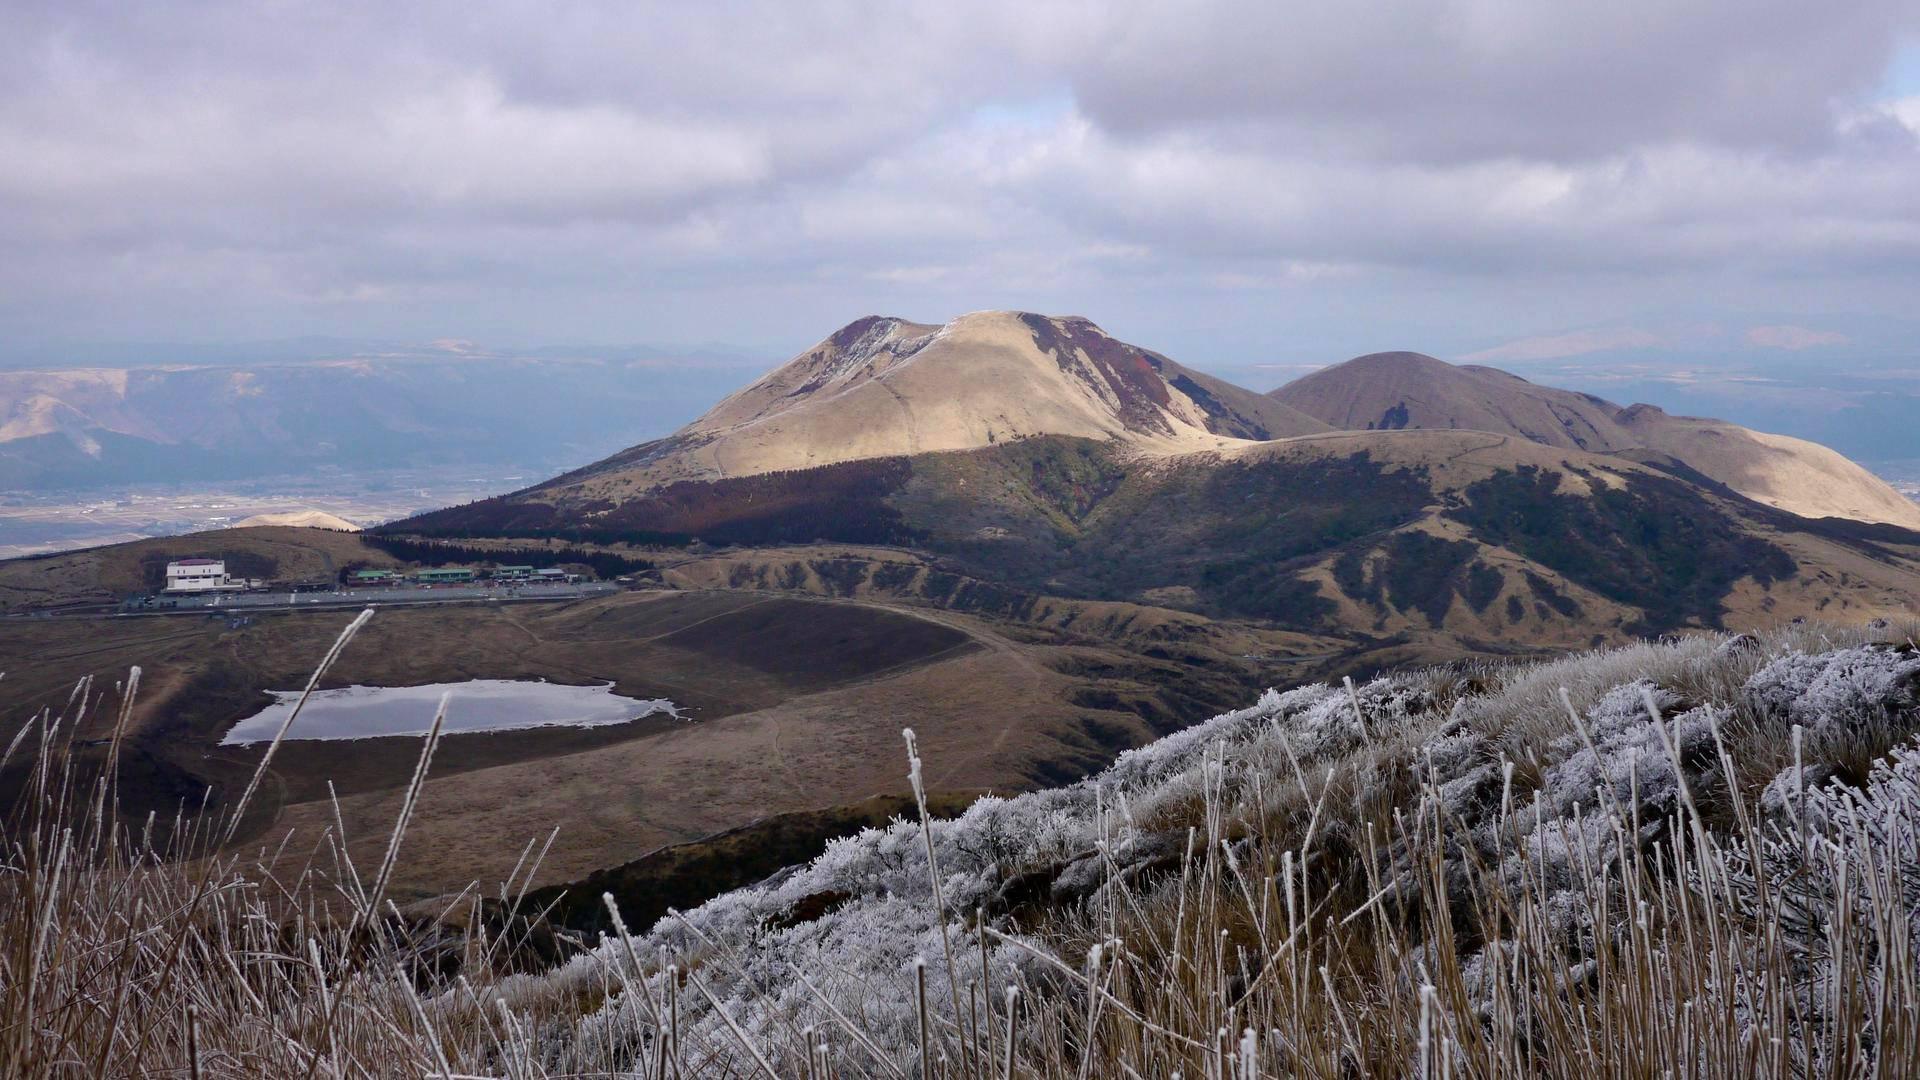 Aso-tulivuori sijaitsee kattilalaaksossa, joka syntyi tulivuoren romahtamisen seurauksena. Yksi Ason huipuista on Kishimadake (oikealla), ja sen takana alhaalla laaksossa on Ason kaupunki. Kishimadakelle lähtee polku Ason tulivuorimuseolta (vasemmalla).